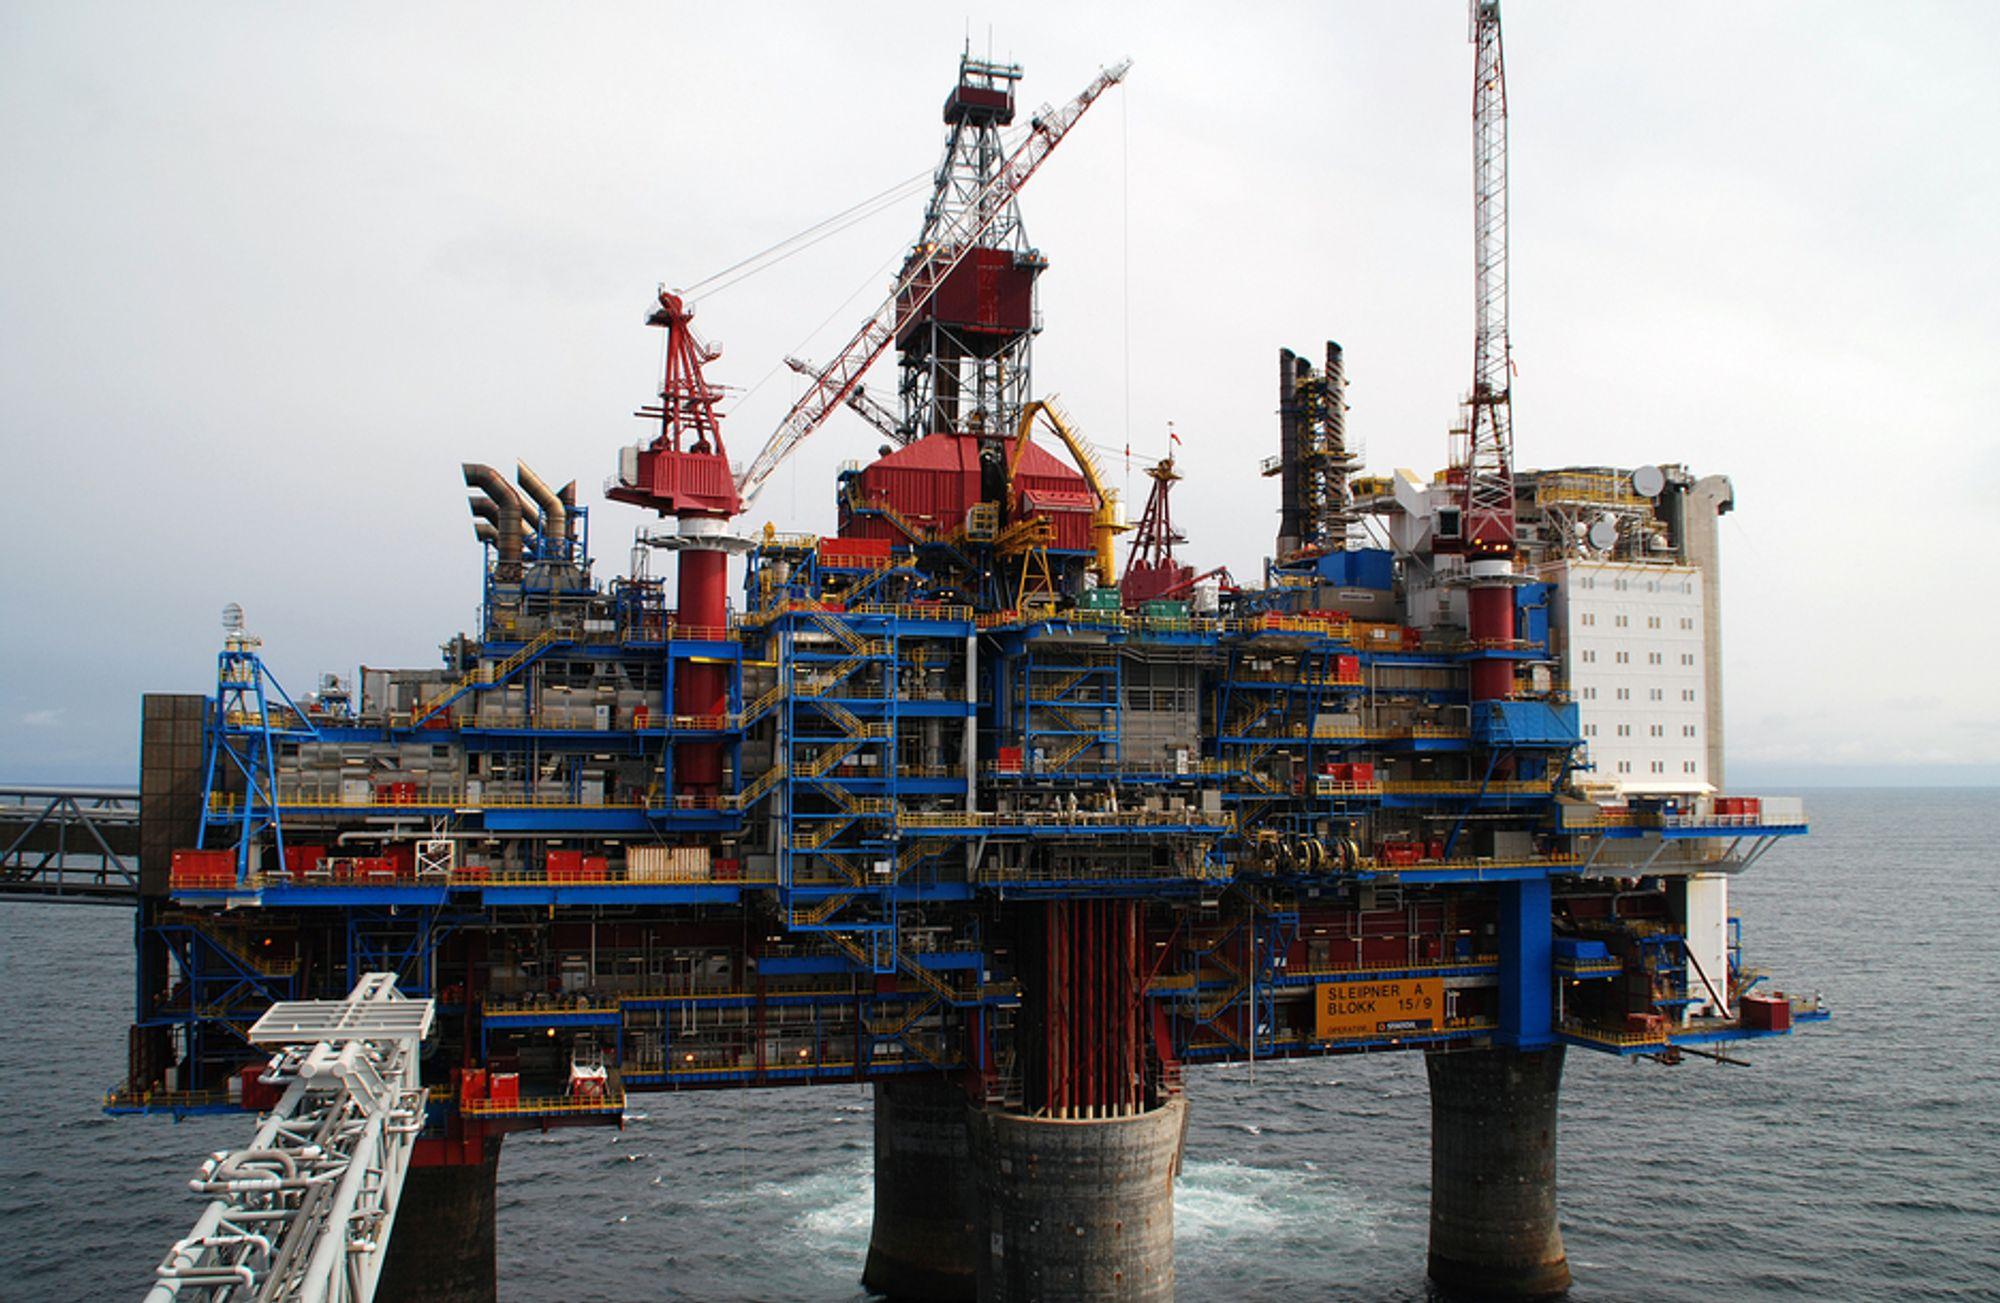 LEKKASJE: 228 personer måtte til livbåtene på Sleipner A etter en gasslekkasje natt til i dag.